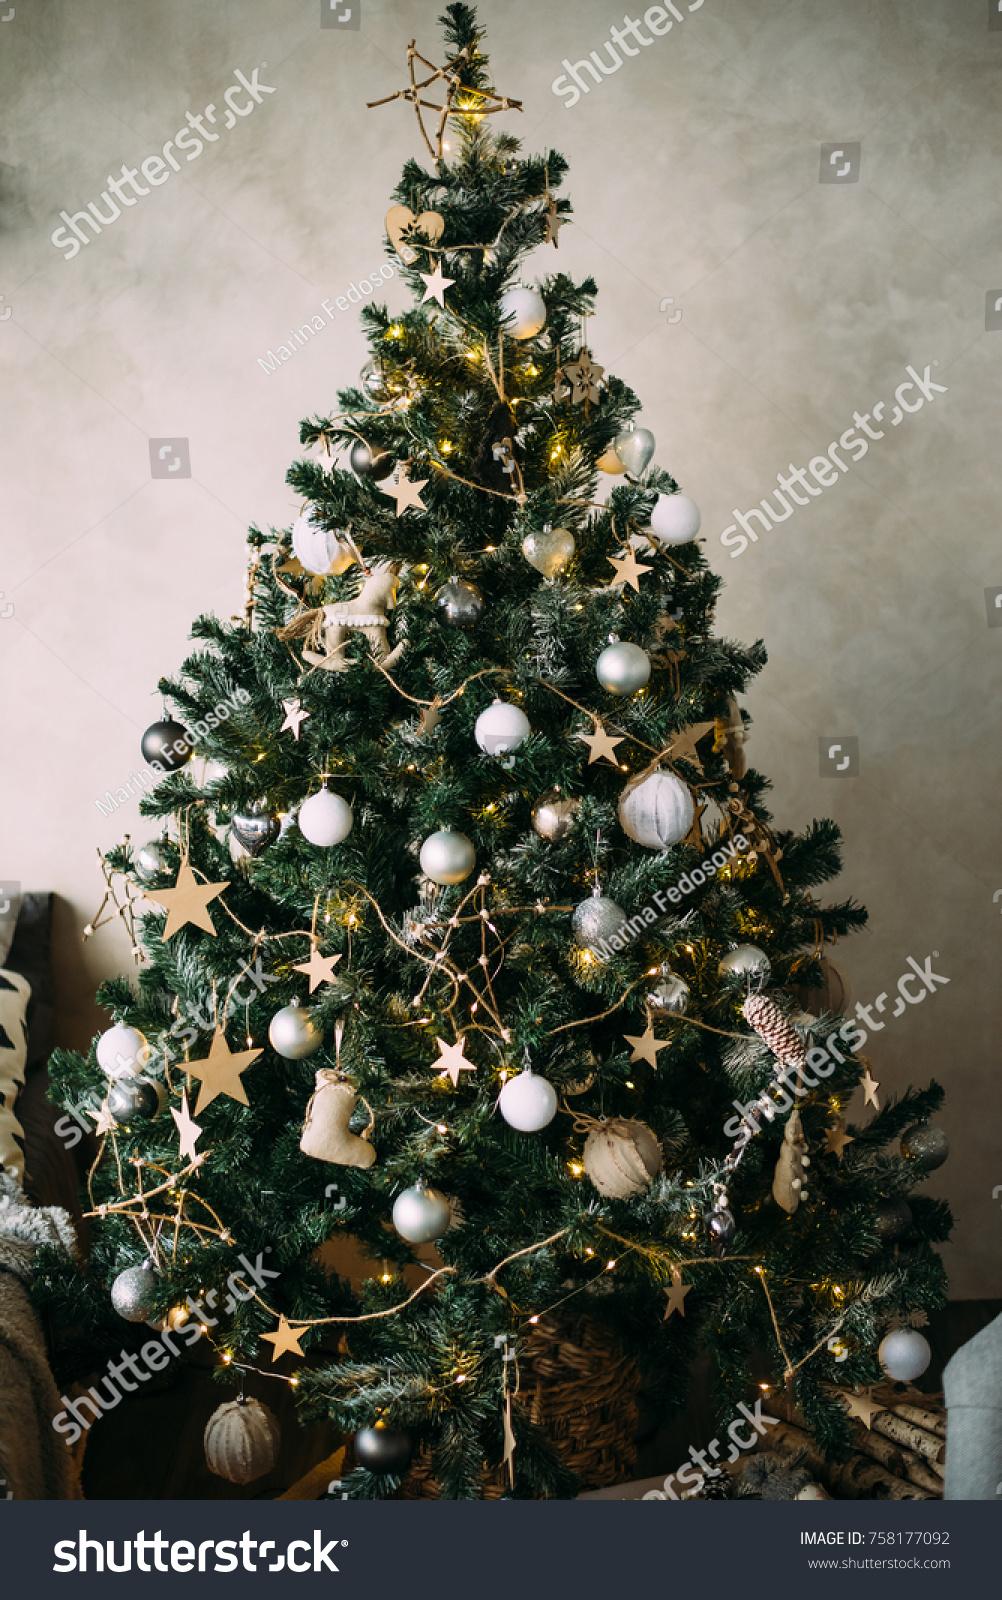 Christmas Tree White Gold Toys Stock Photo Edit Now 758177092